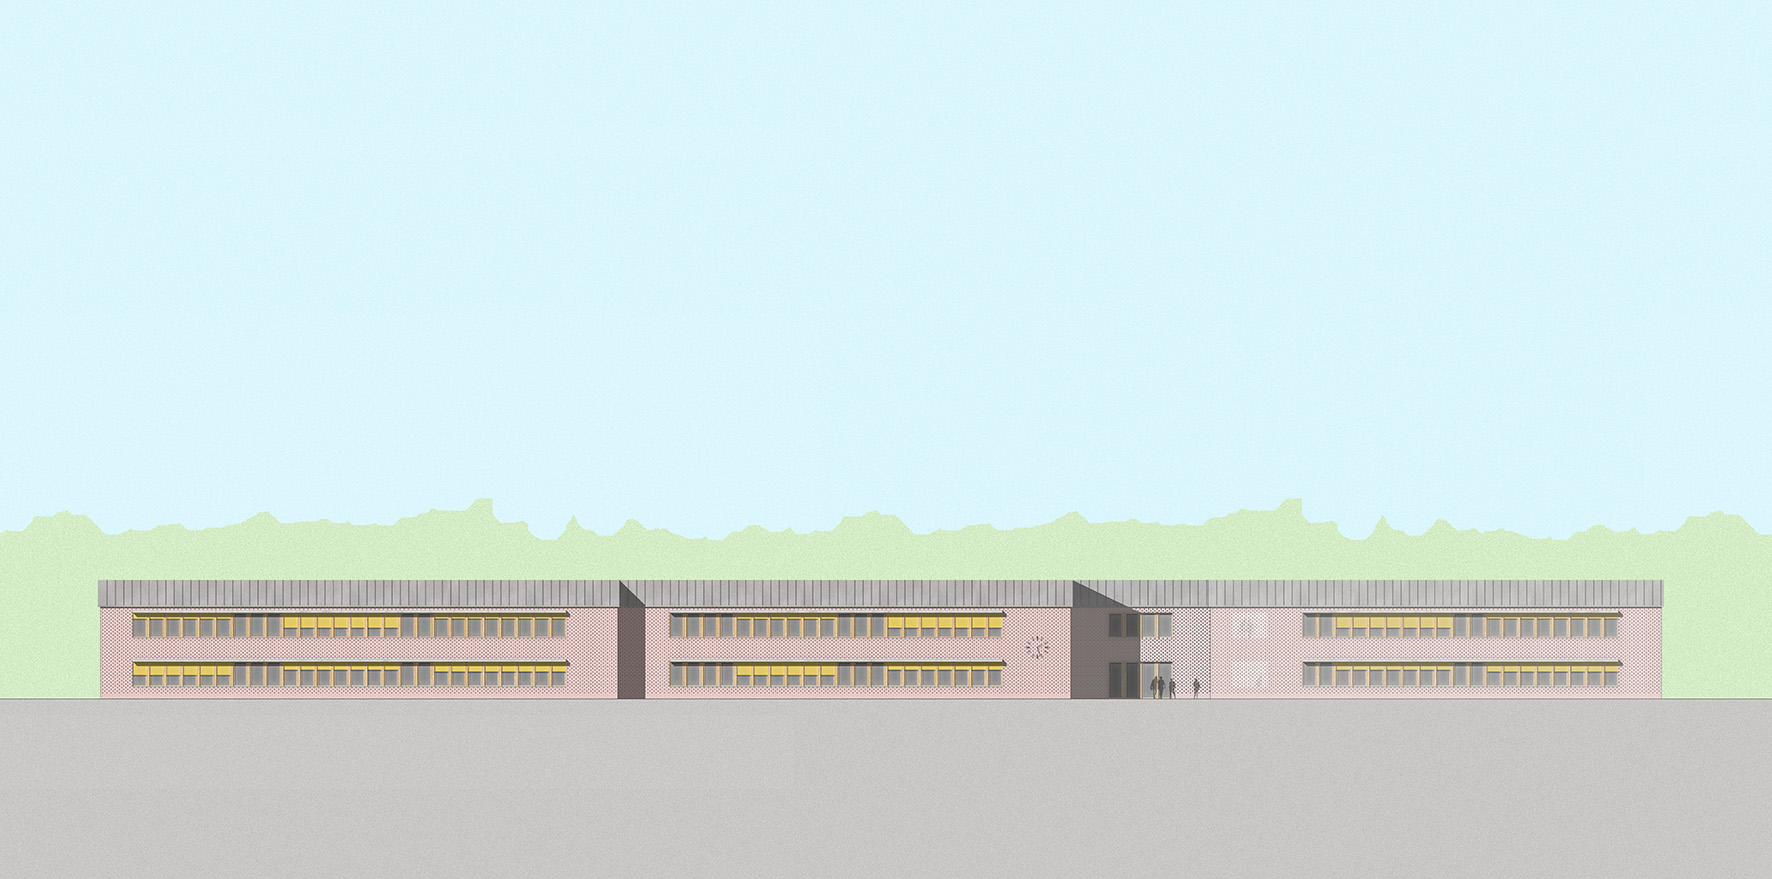 Grundschule Landshut Nordwest dreisterneplus Meili Peter Wettbewerb